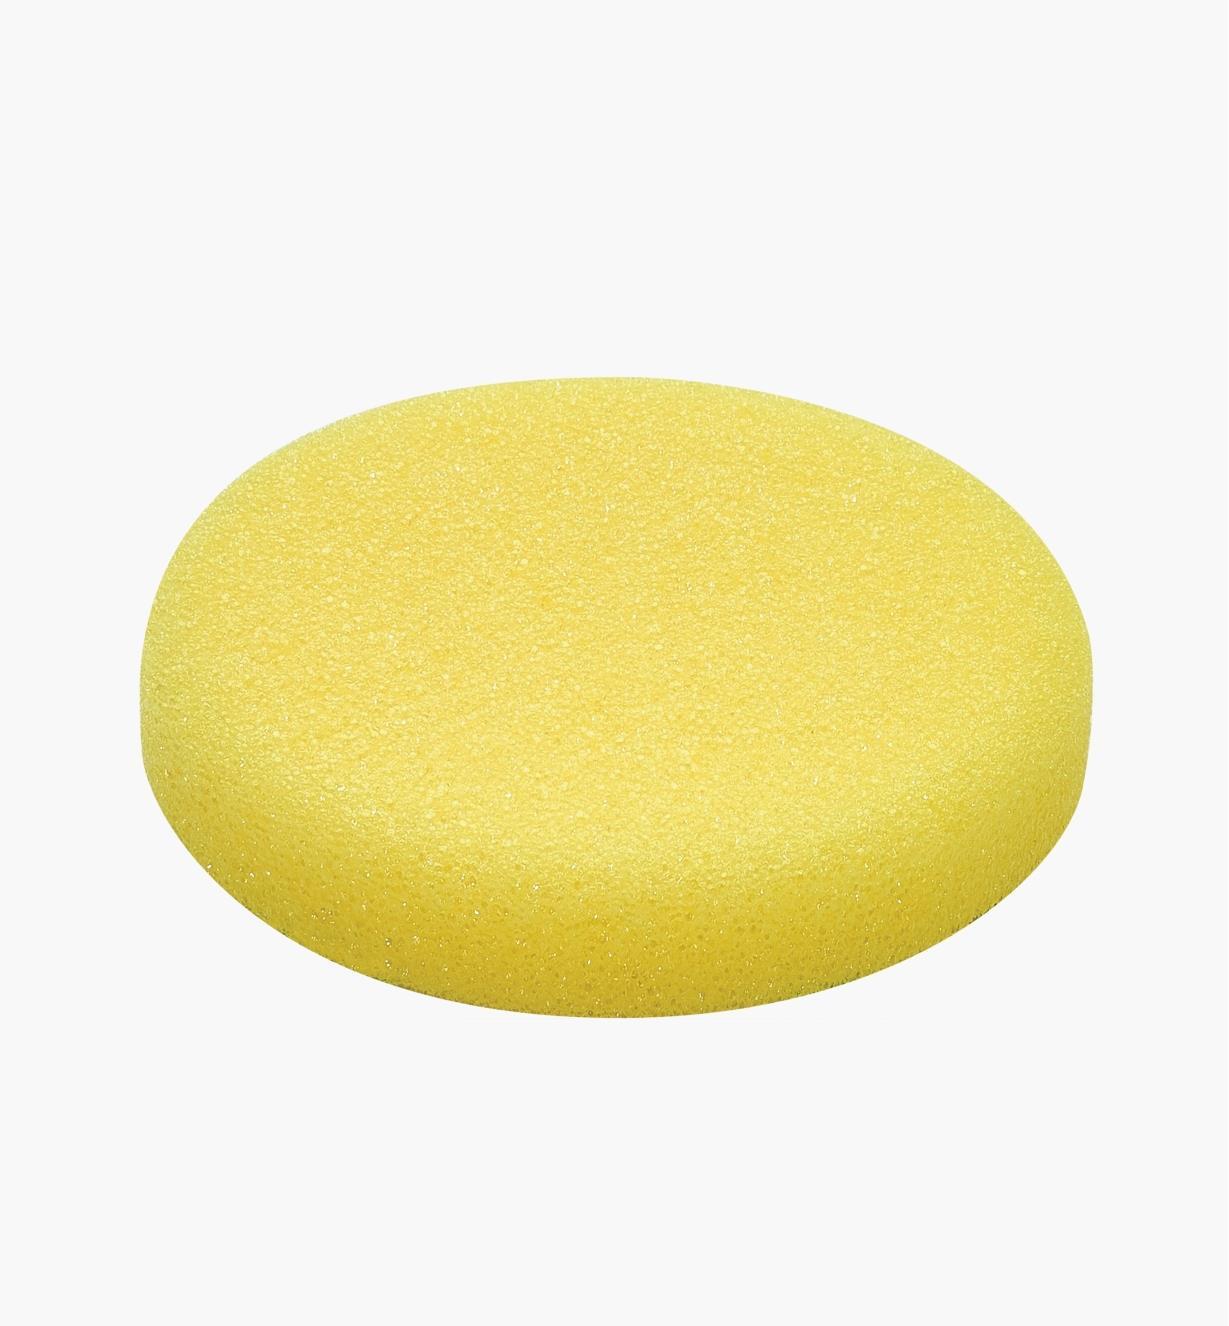 Yellow 150mm Polishing Sponge